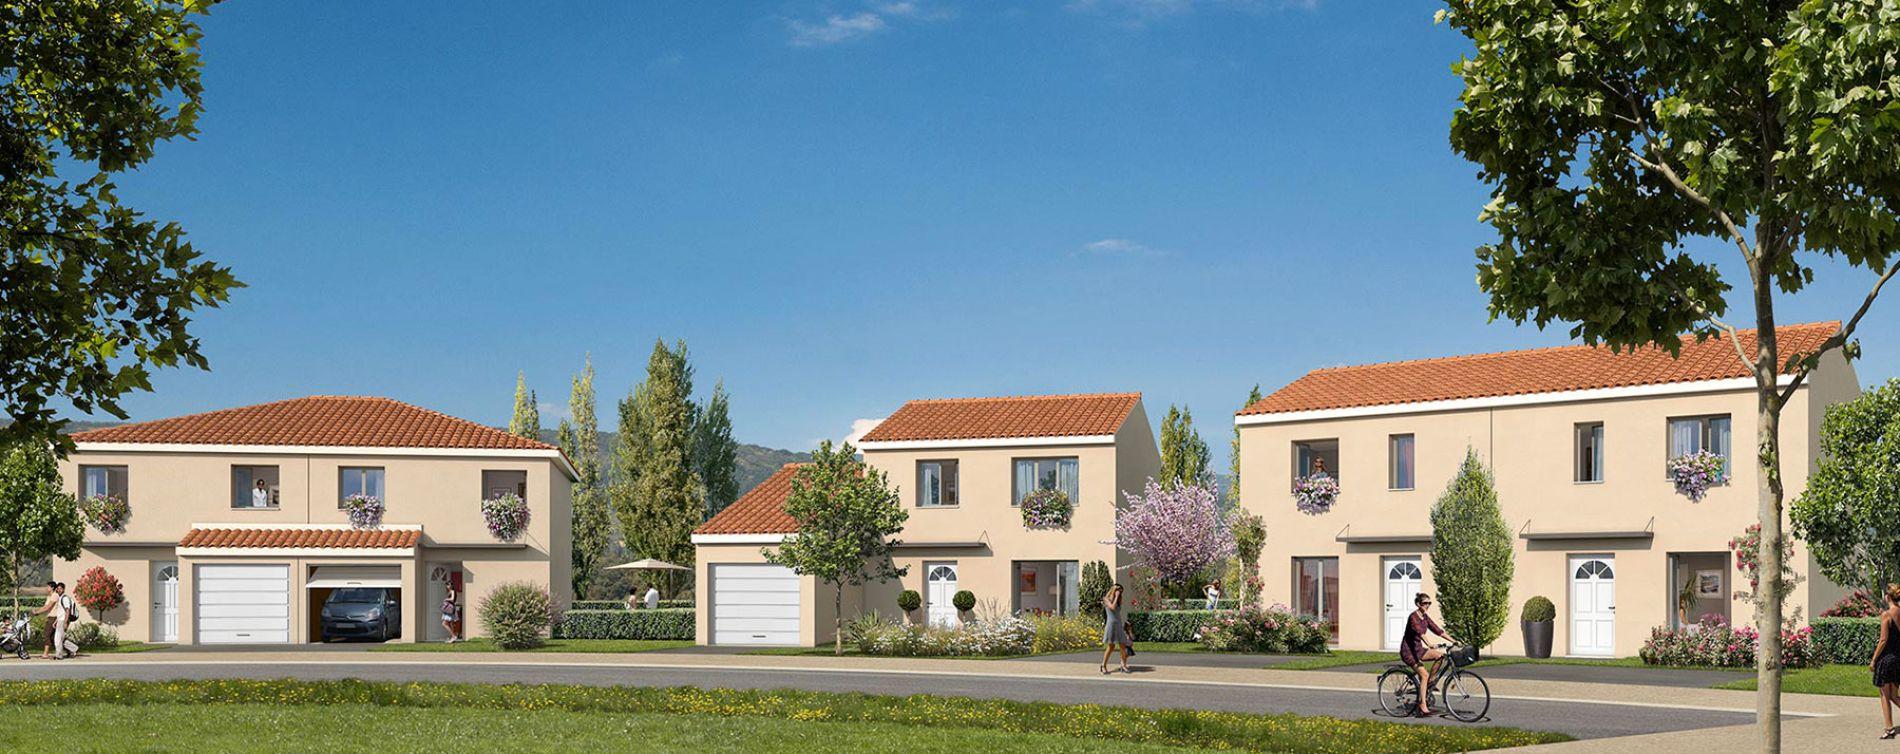 Pont-Évêque : programme immobilier neuve « Le Domaine d'Elise IV » (2)